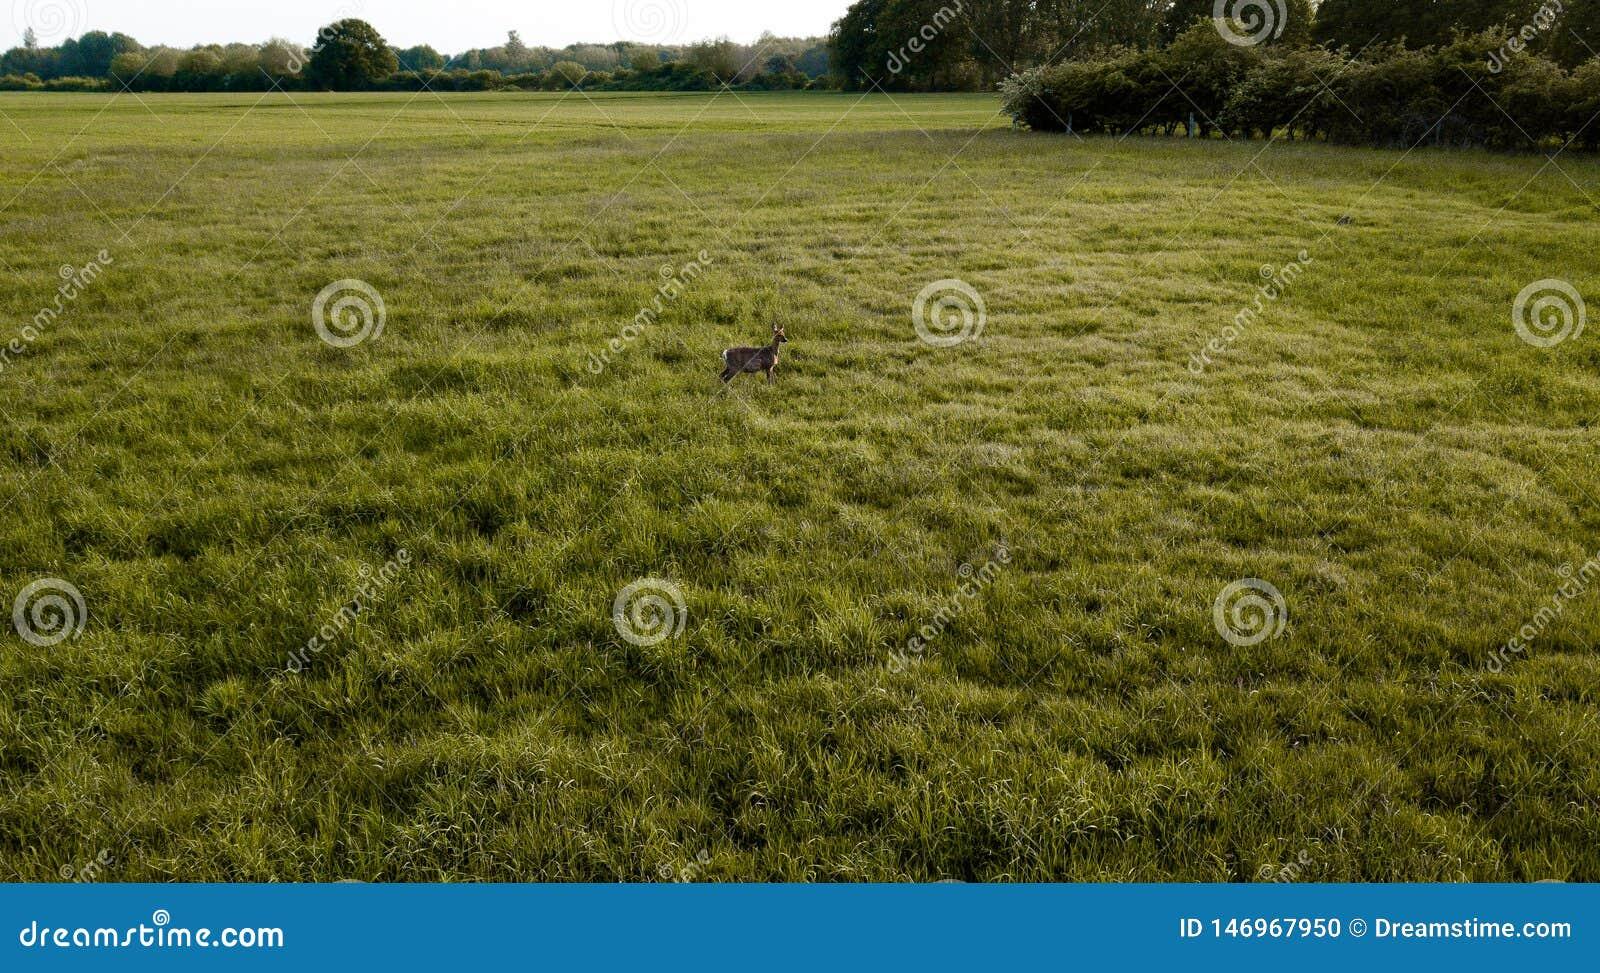 Положение оленей в середине зеленого поля